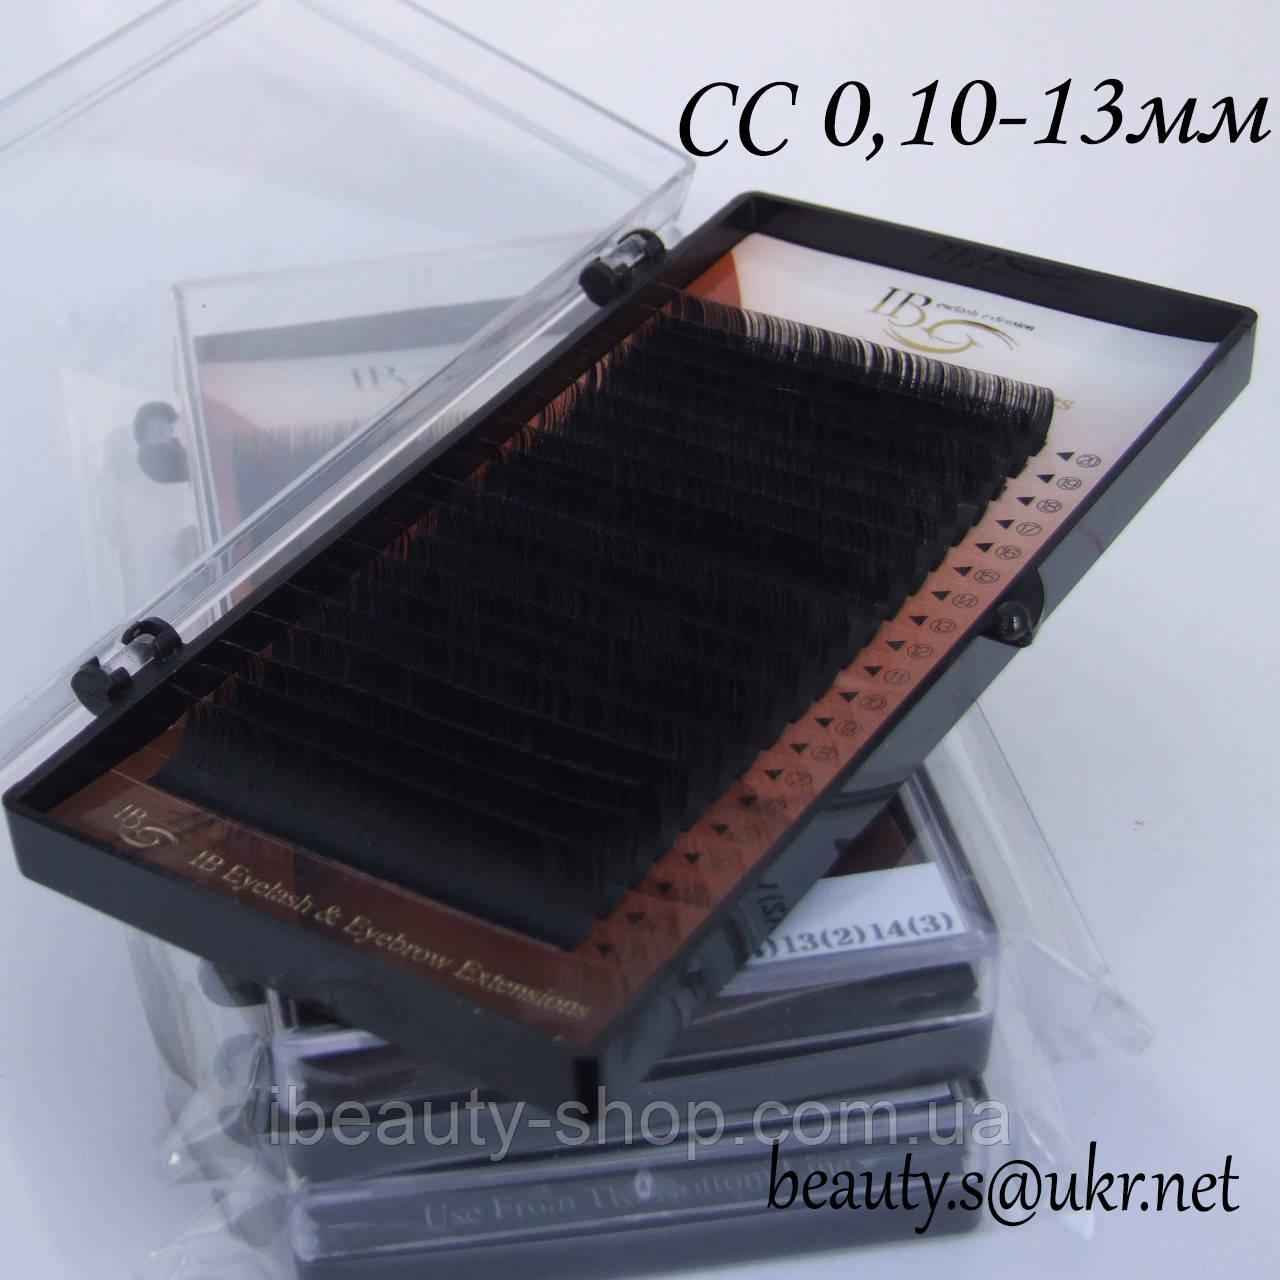 Ресницы  I-Beauty на ленте СС-0,10 13мм